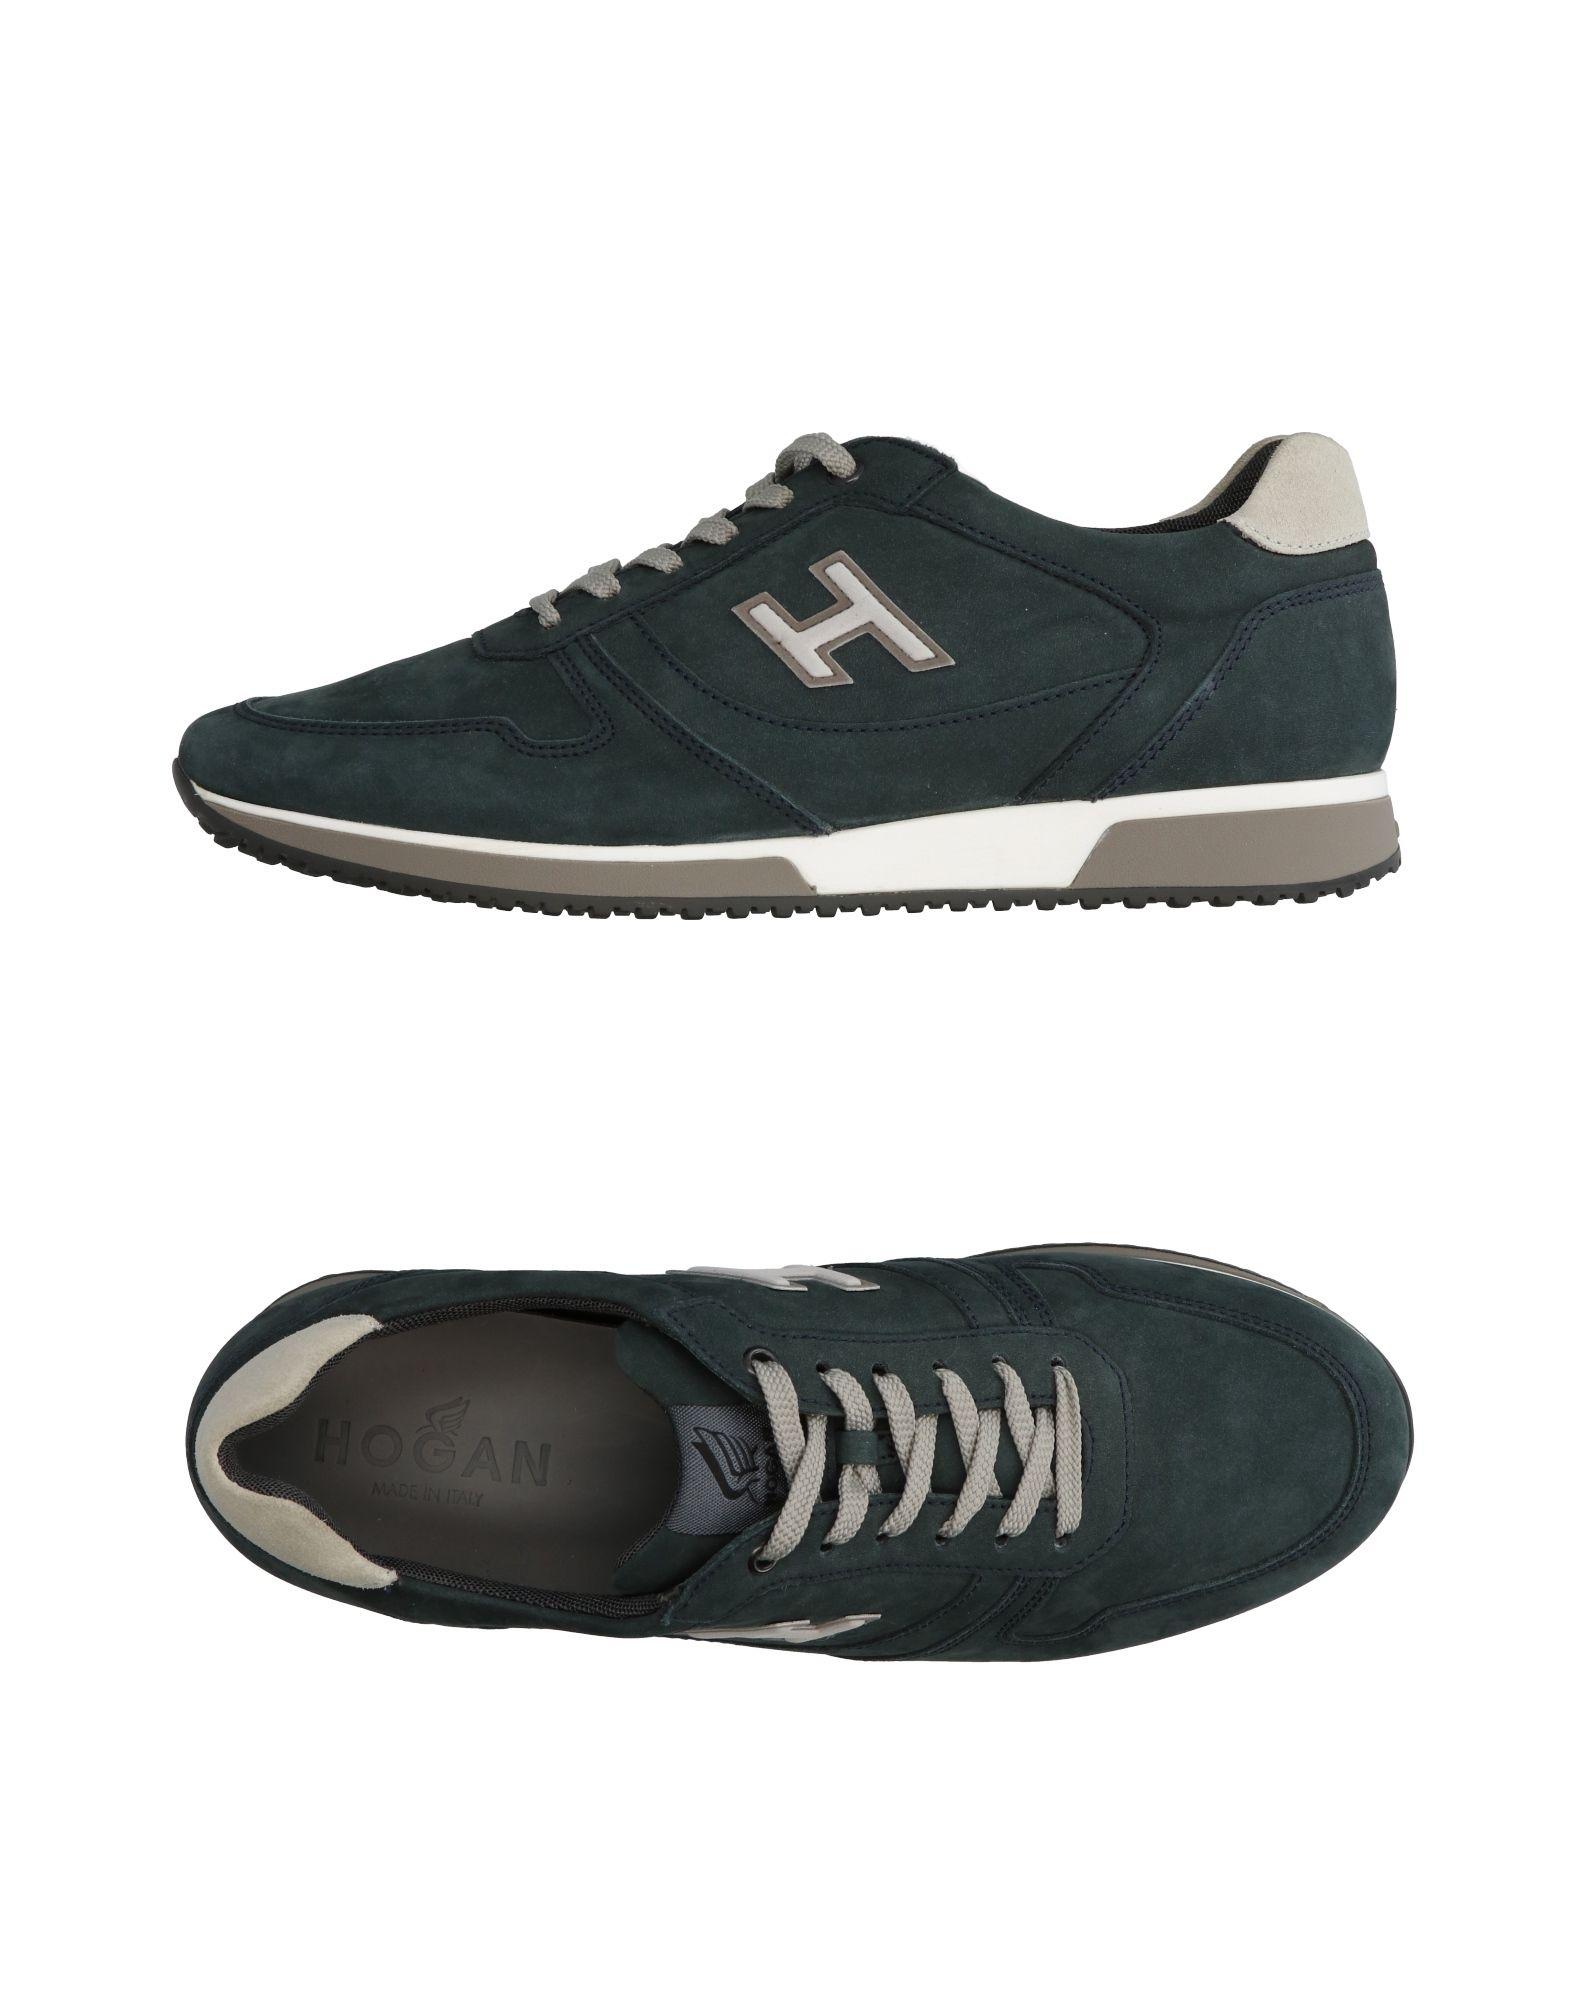 Hogan Sneakers Herren Herren Herren  11298008SQ Heiße Schuhe 8bec16